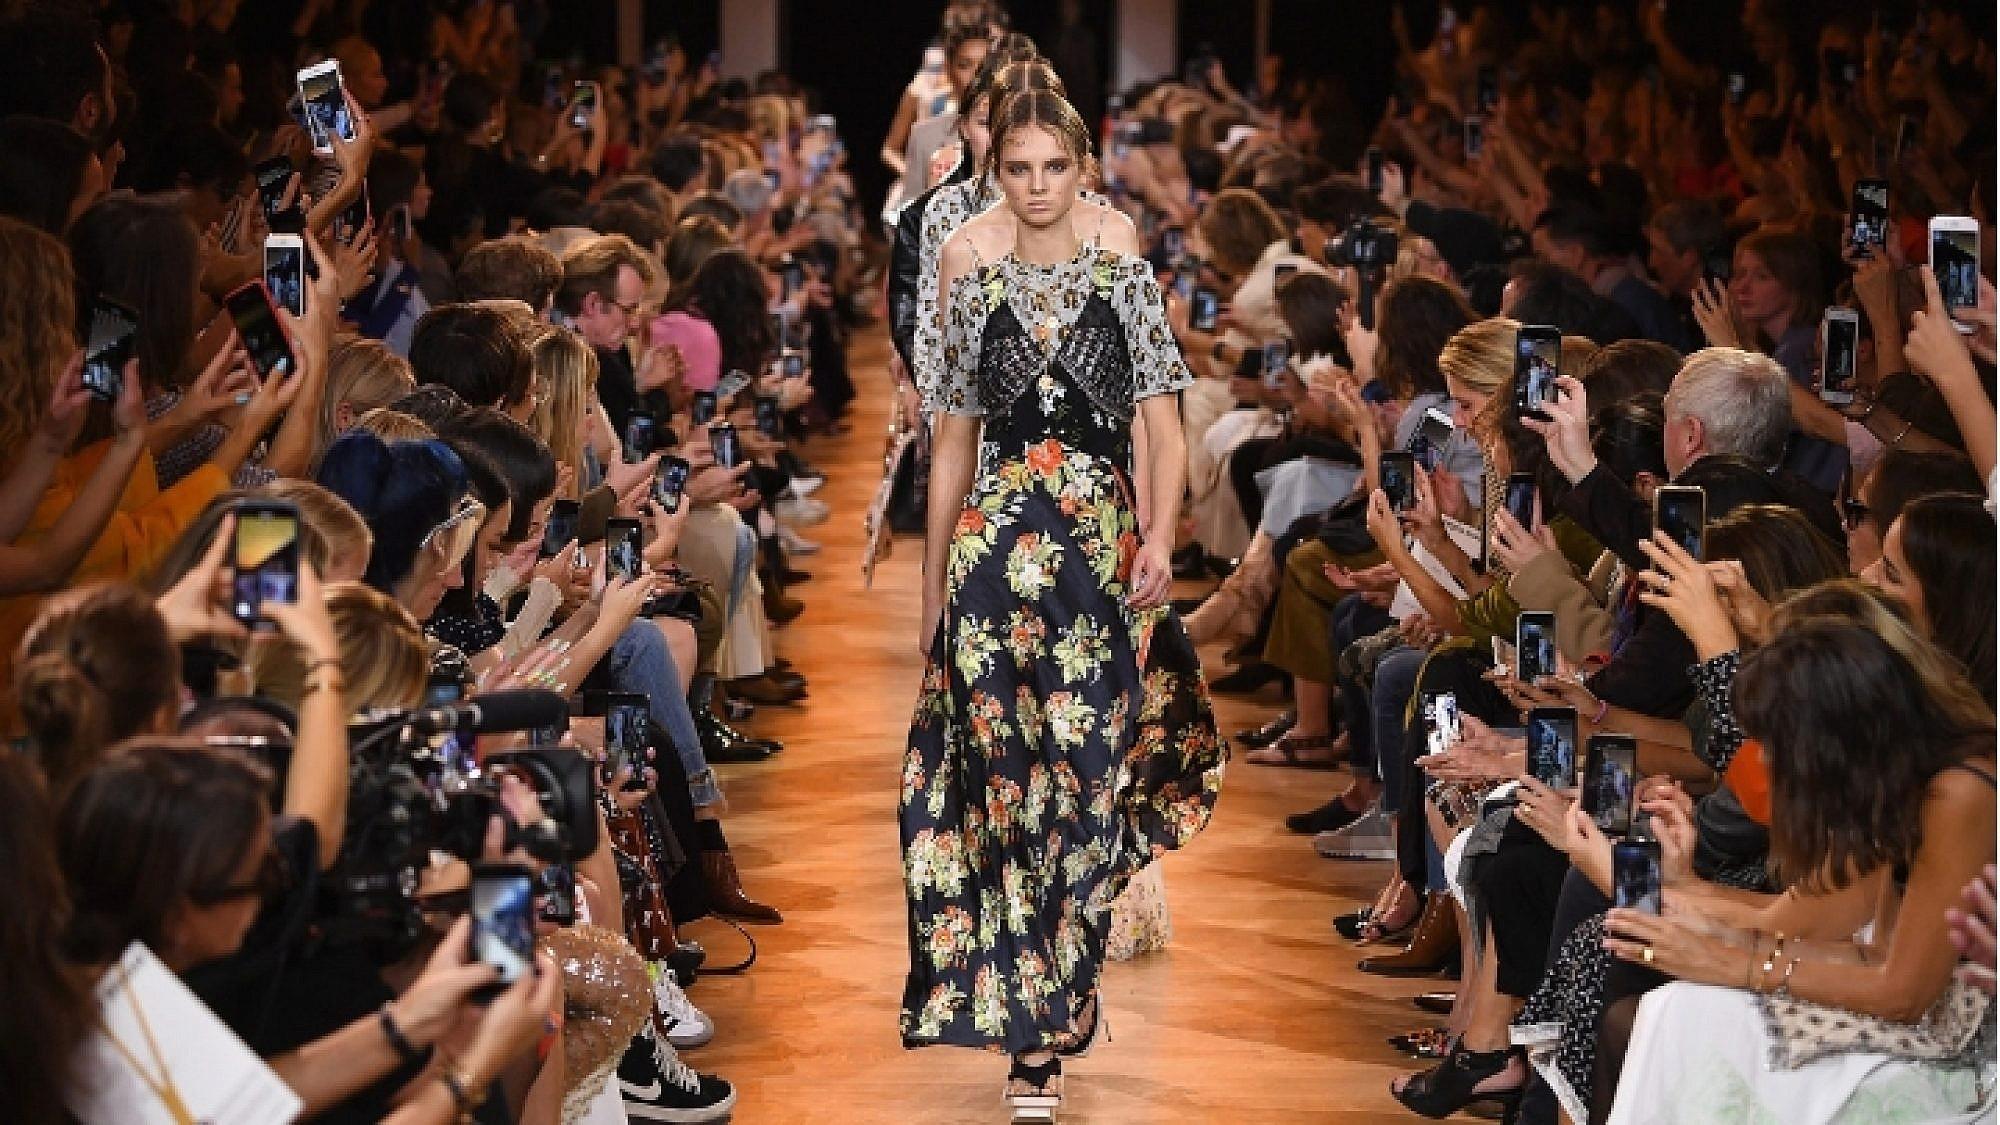 התצוגה של פאקו רבאן בשבוע האופנה פריז סתיו-חורף 2018-2018 | צילום: גטי